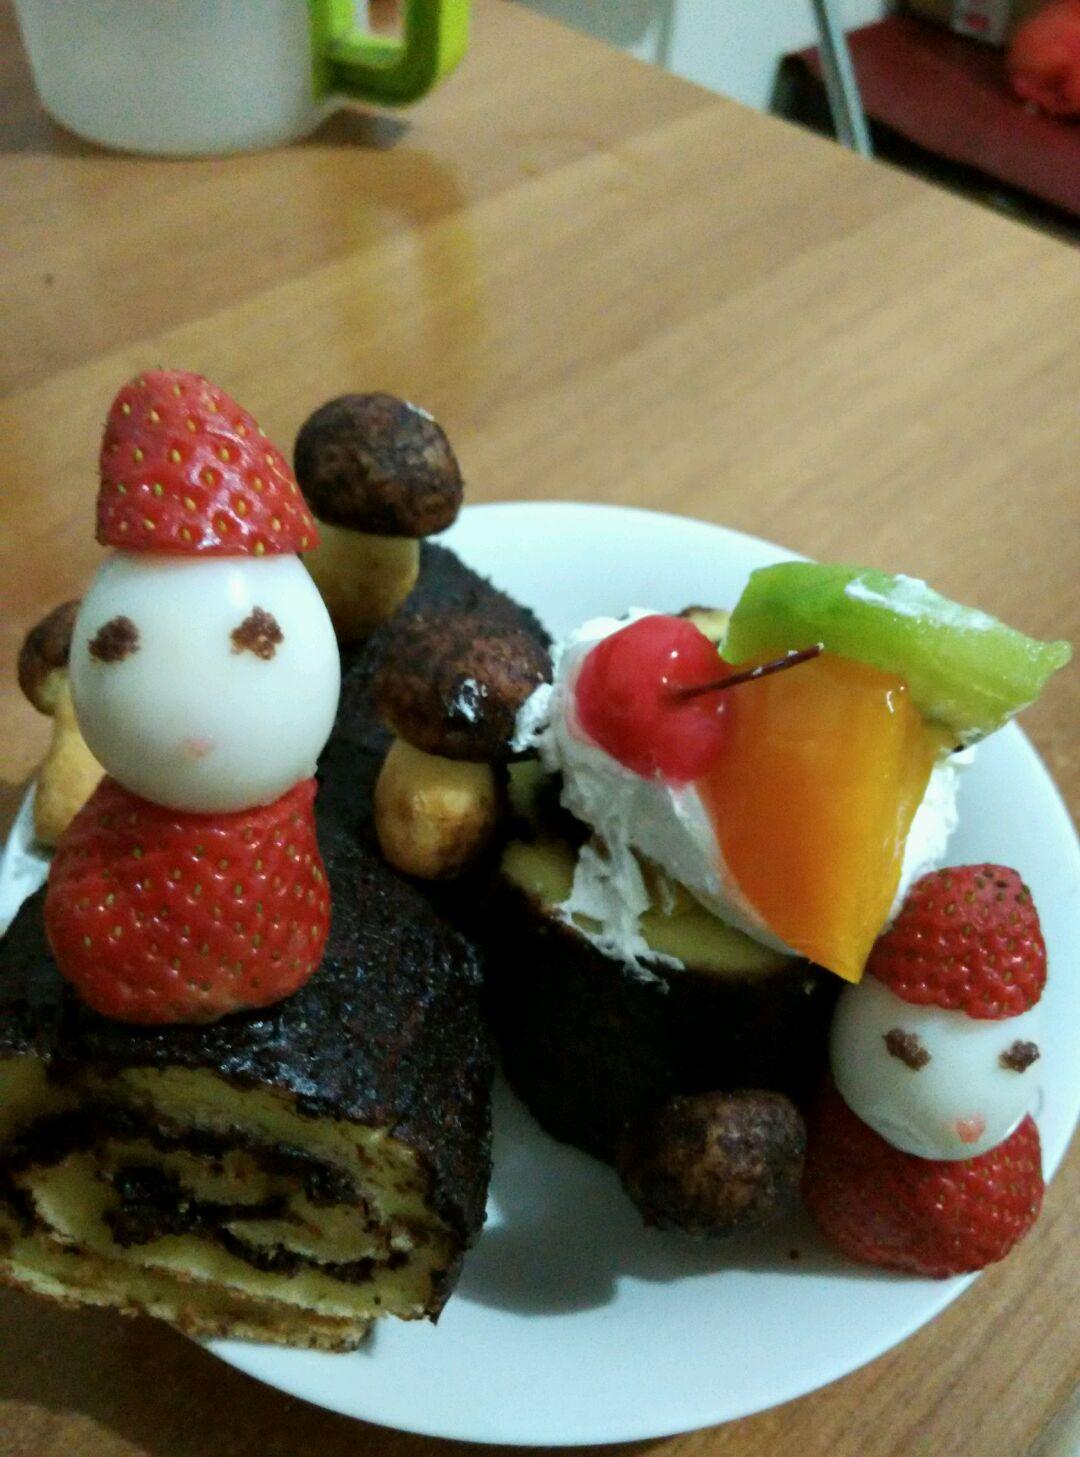 圣诞树桩蛋糕简介及特色: 树桩蛋糕是法国圣诞美食。法国人民天生浪漫,连美食传说也很浪漫。传说在电力还没发明之前在法国有个贫穷的小伙子在圣诞节期间没钱给心爱的姑娘买礼物,就在森林里捡了根木头当做圣诞节礼物送给了心爱的姑娘,没想到确赢得了芳心从此小伙子一路平步青云交上了好运之后法国人民就在圣诞节做树桩蛋糕 浏览: 18次